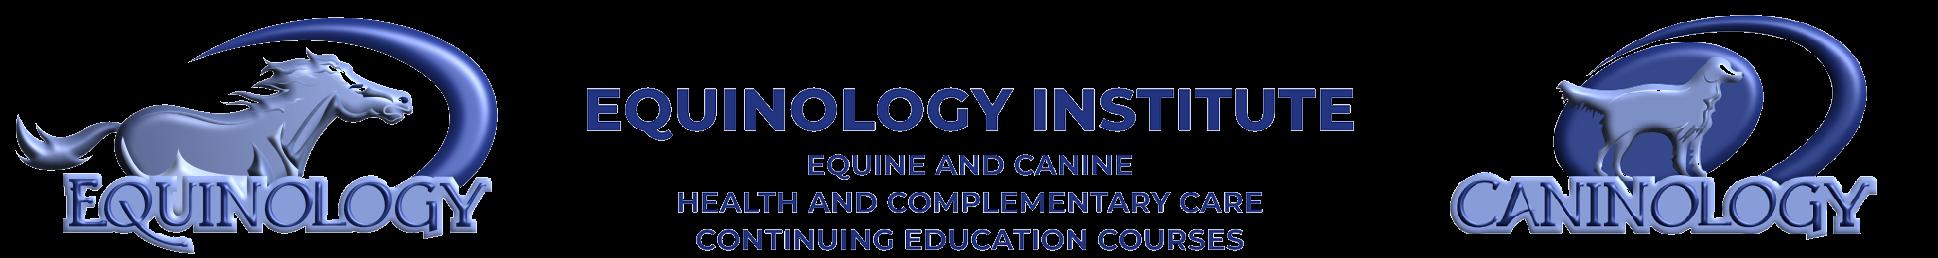 Equinology Institute Logo